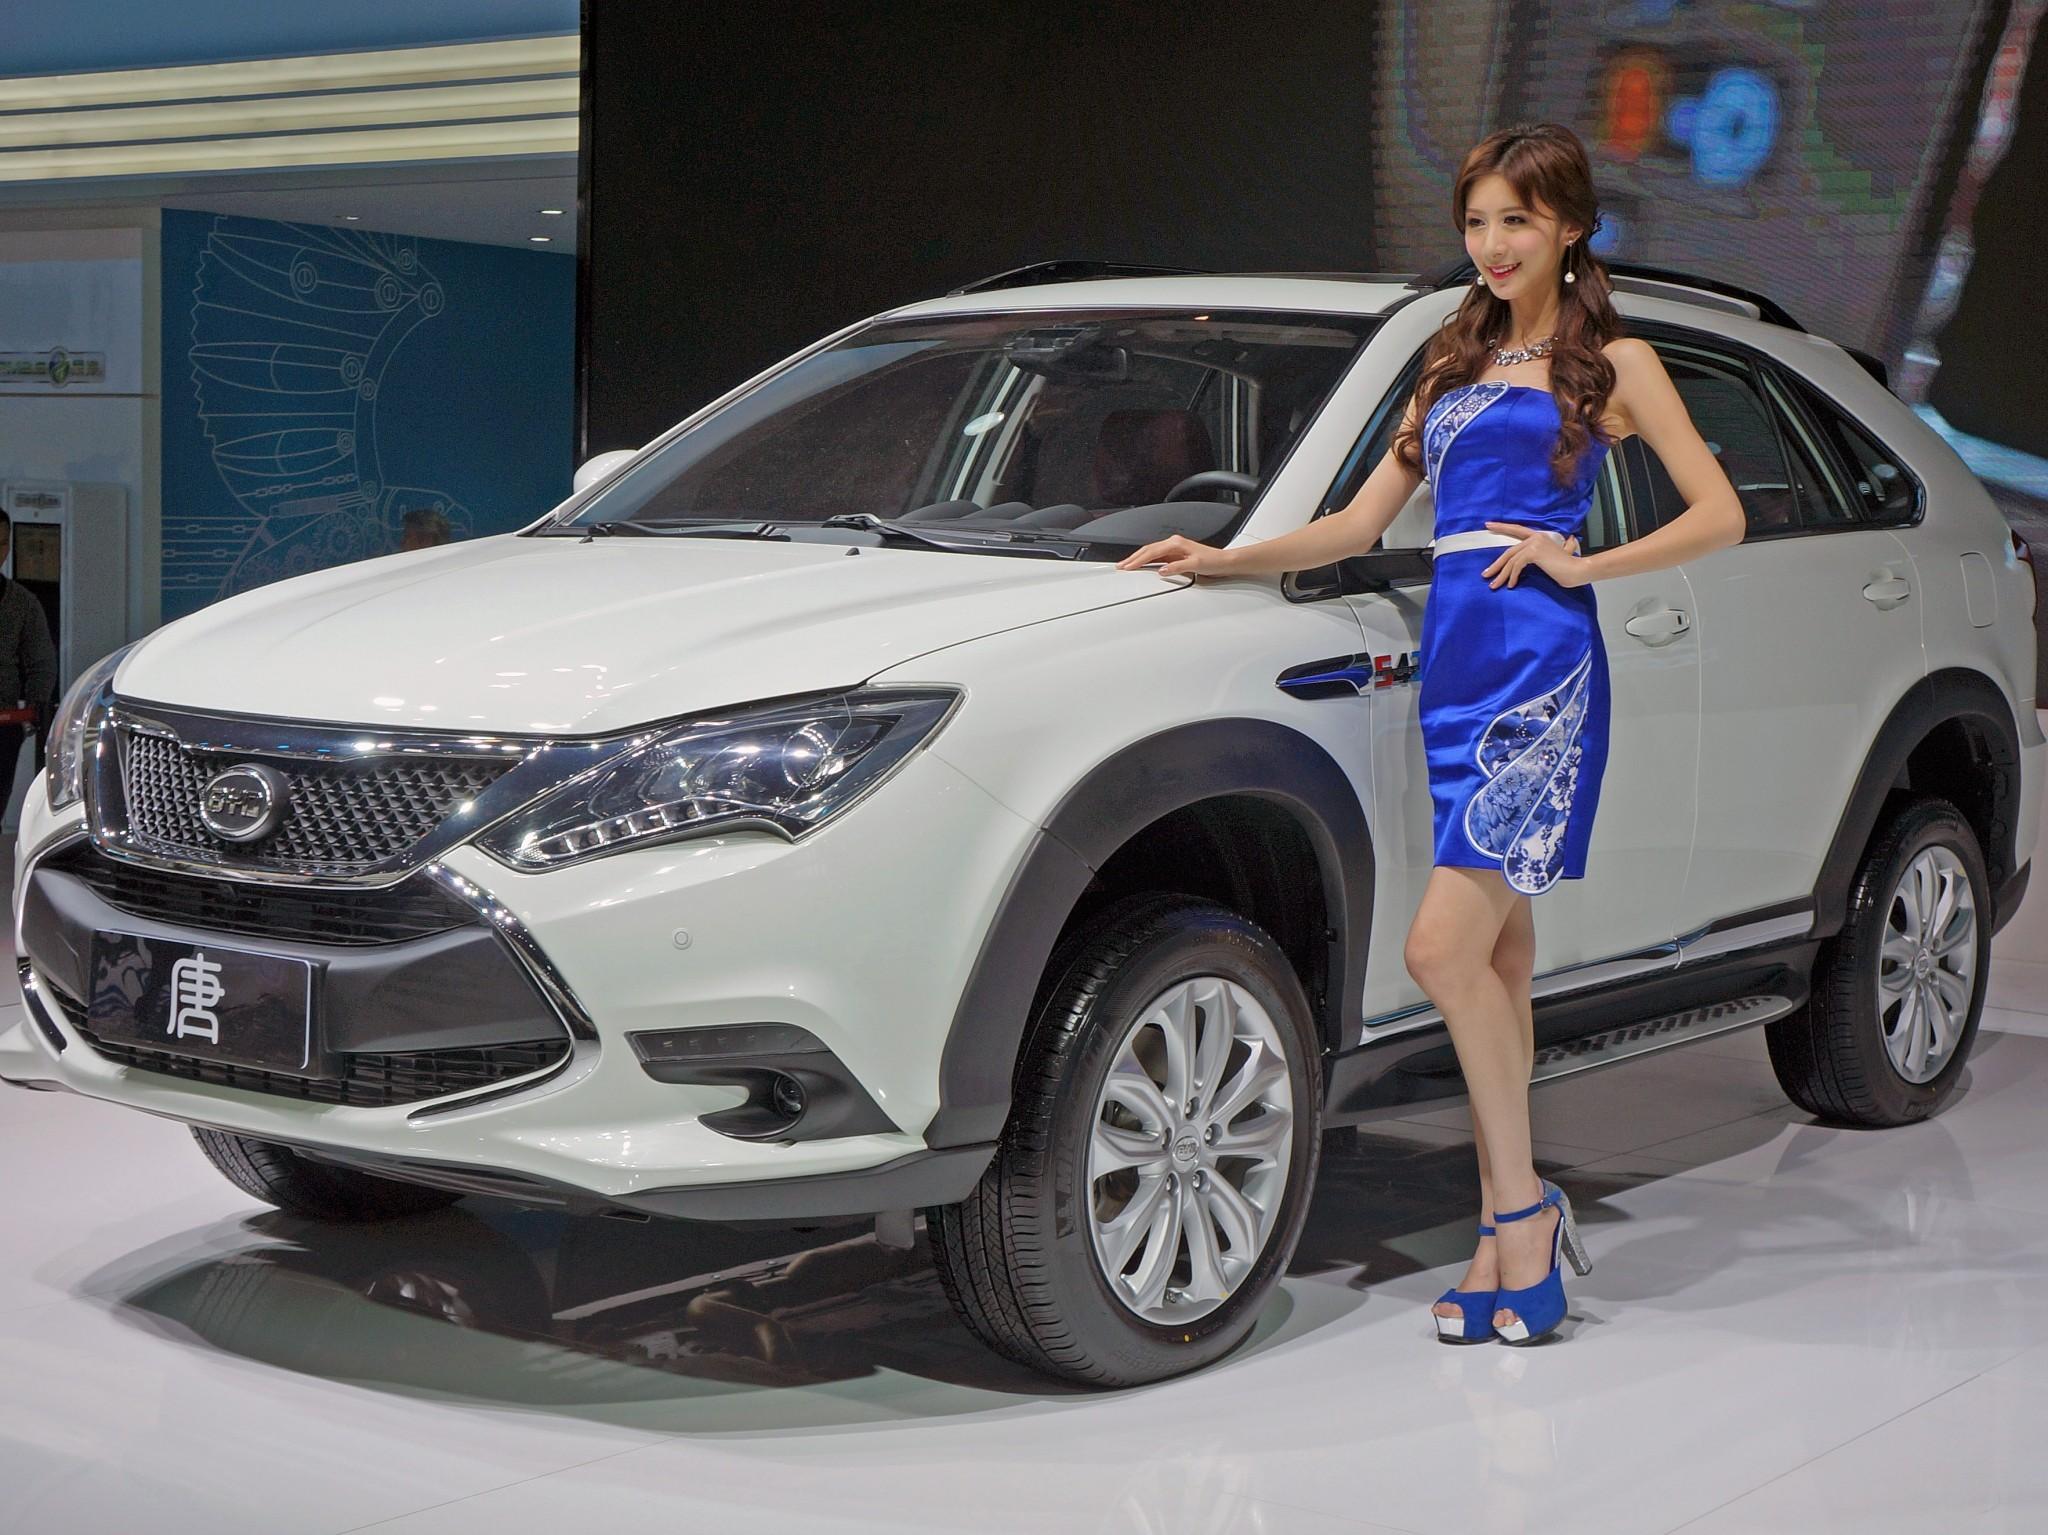 Новые китайские автомобили в тюмени 2017 года фото и цены 4